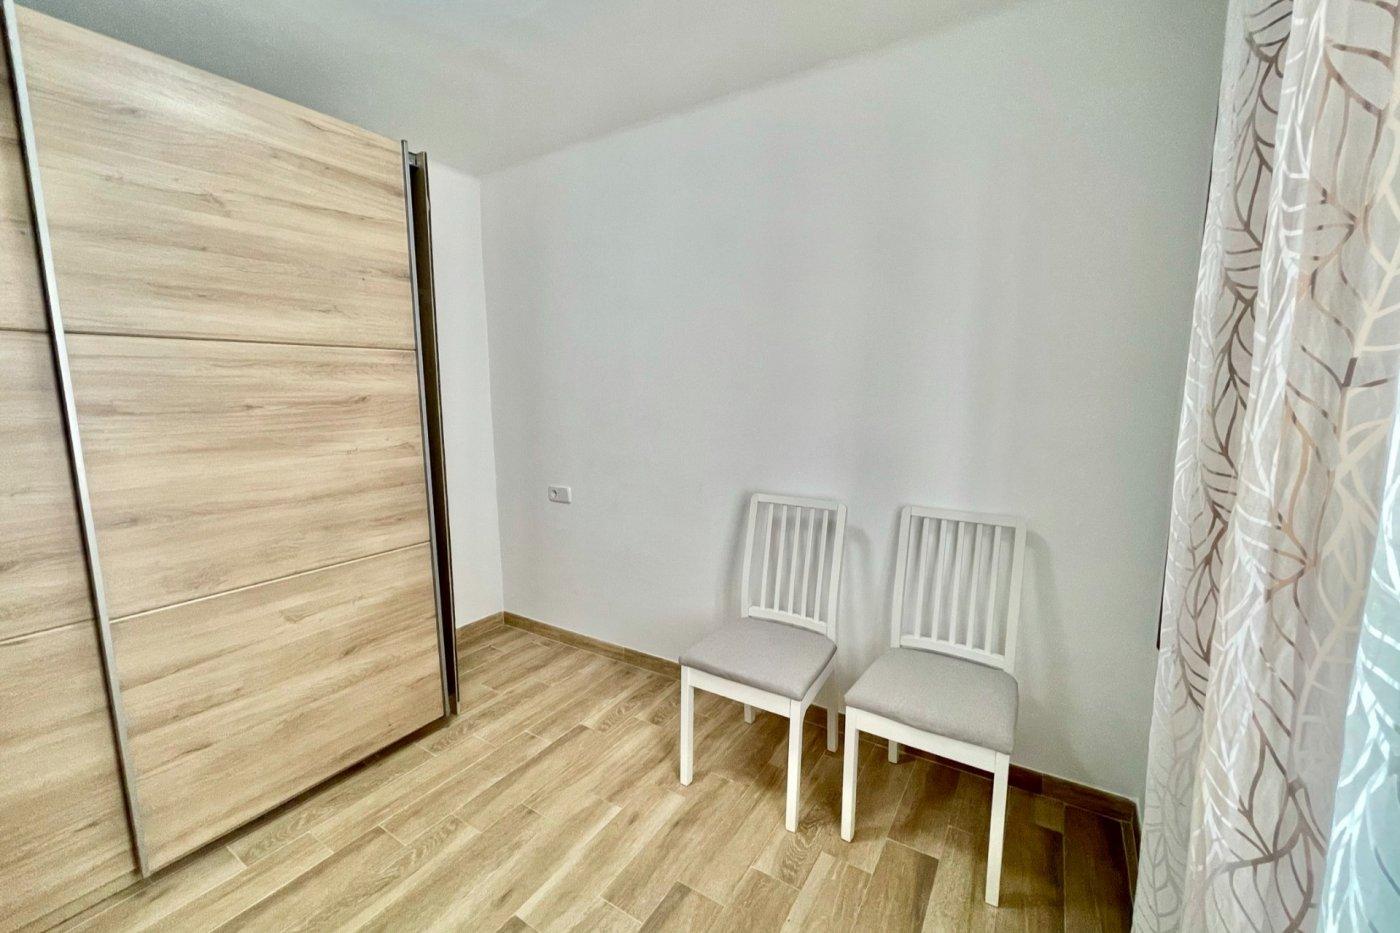 Piso amueblado de 57 m² de superficie con balcón, terraza y barbacoa en la zona de son cot - imagenInmueble5